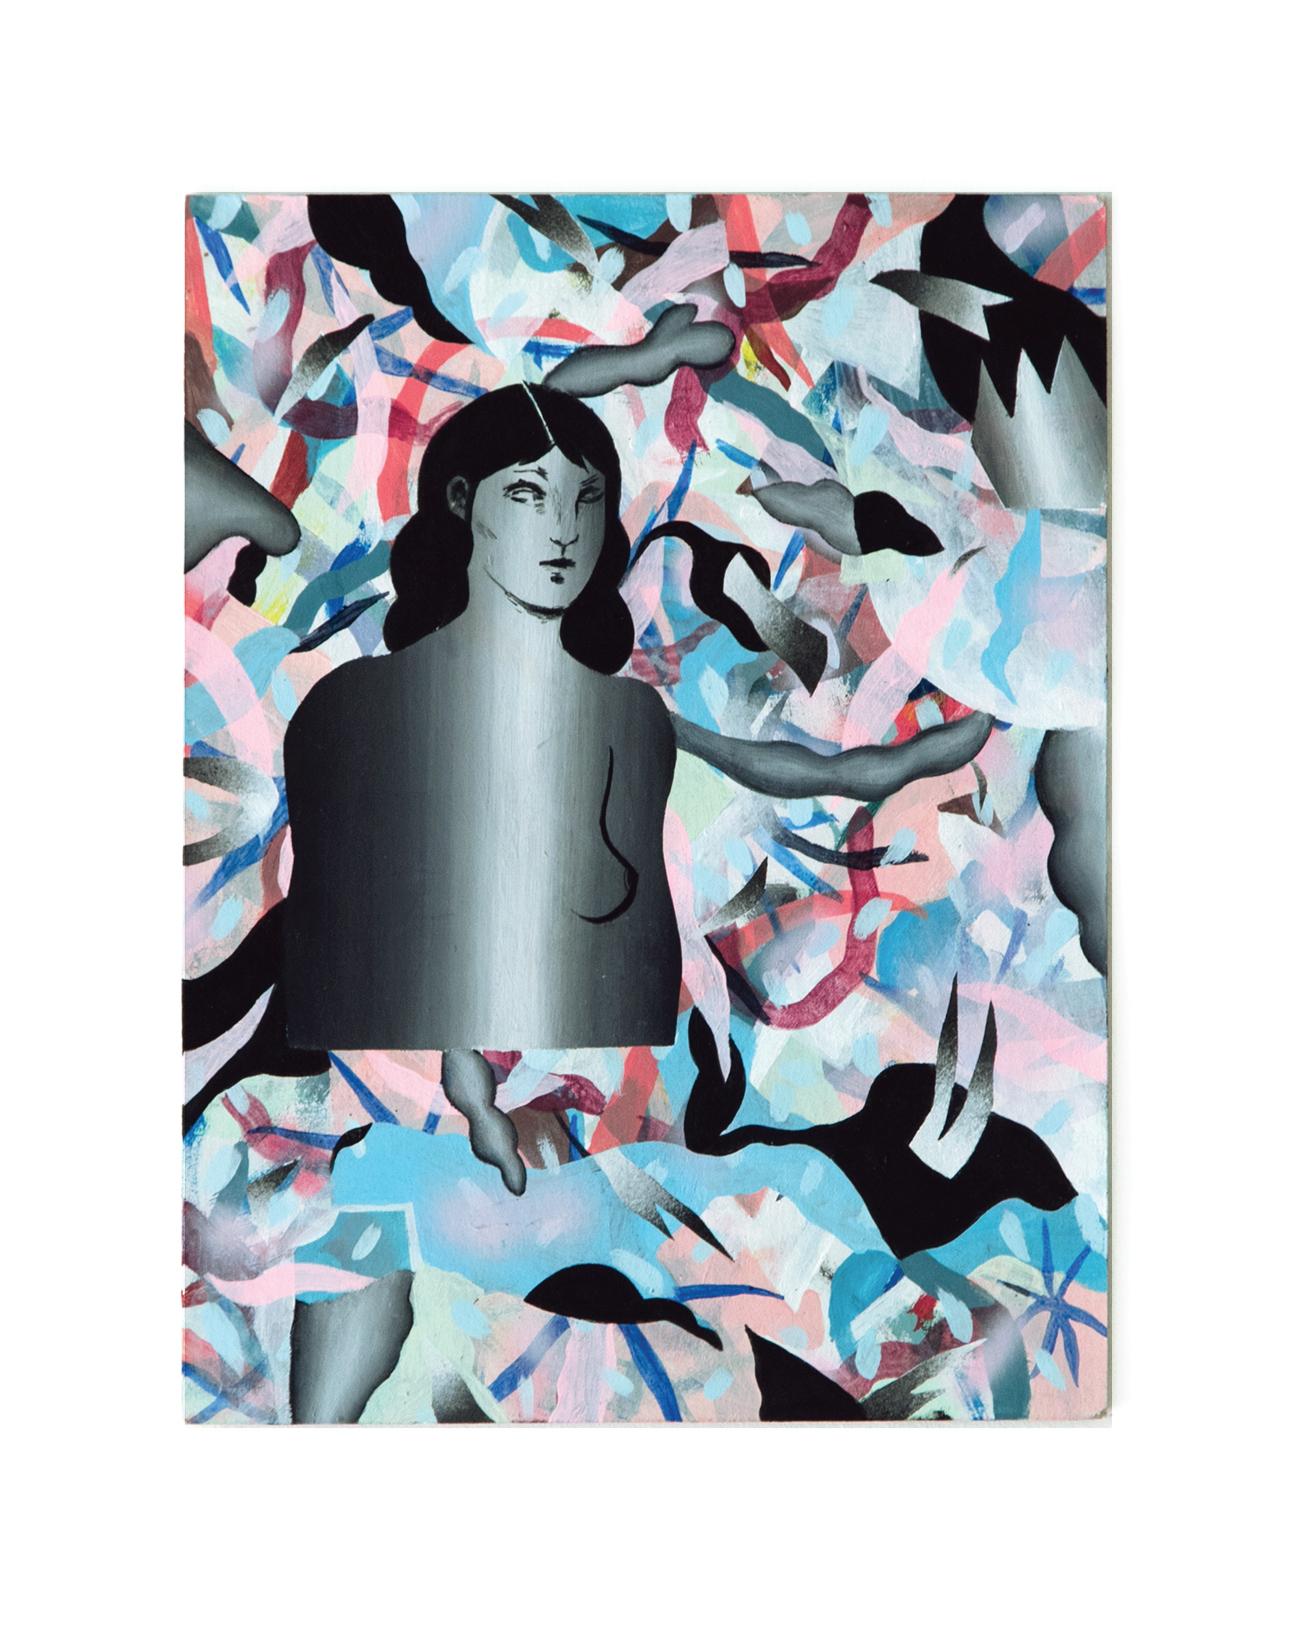 Laura - Peinture acrylique sur bois - 30,5 x 23,5 cm - 2018